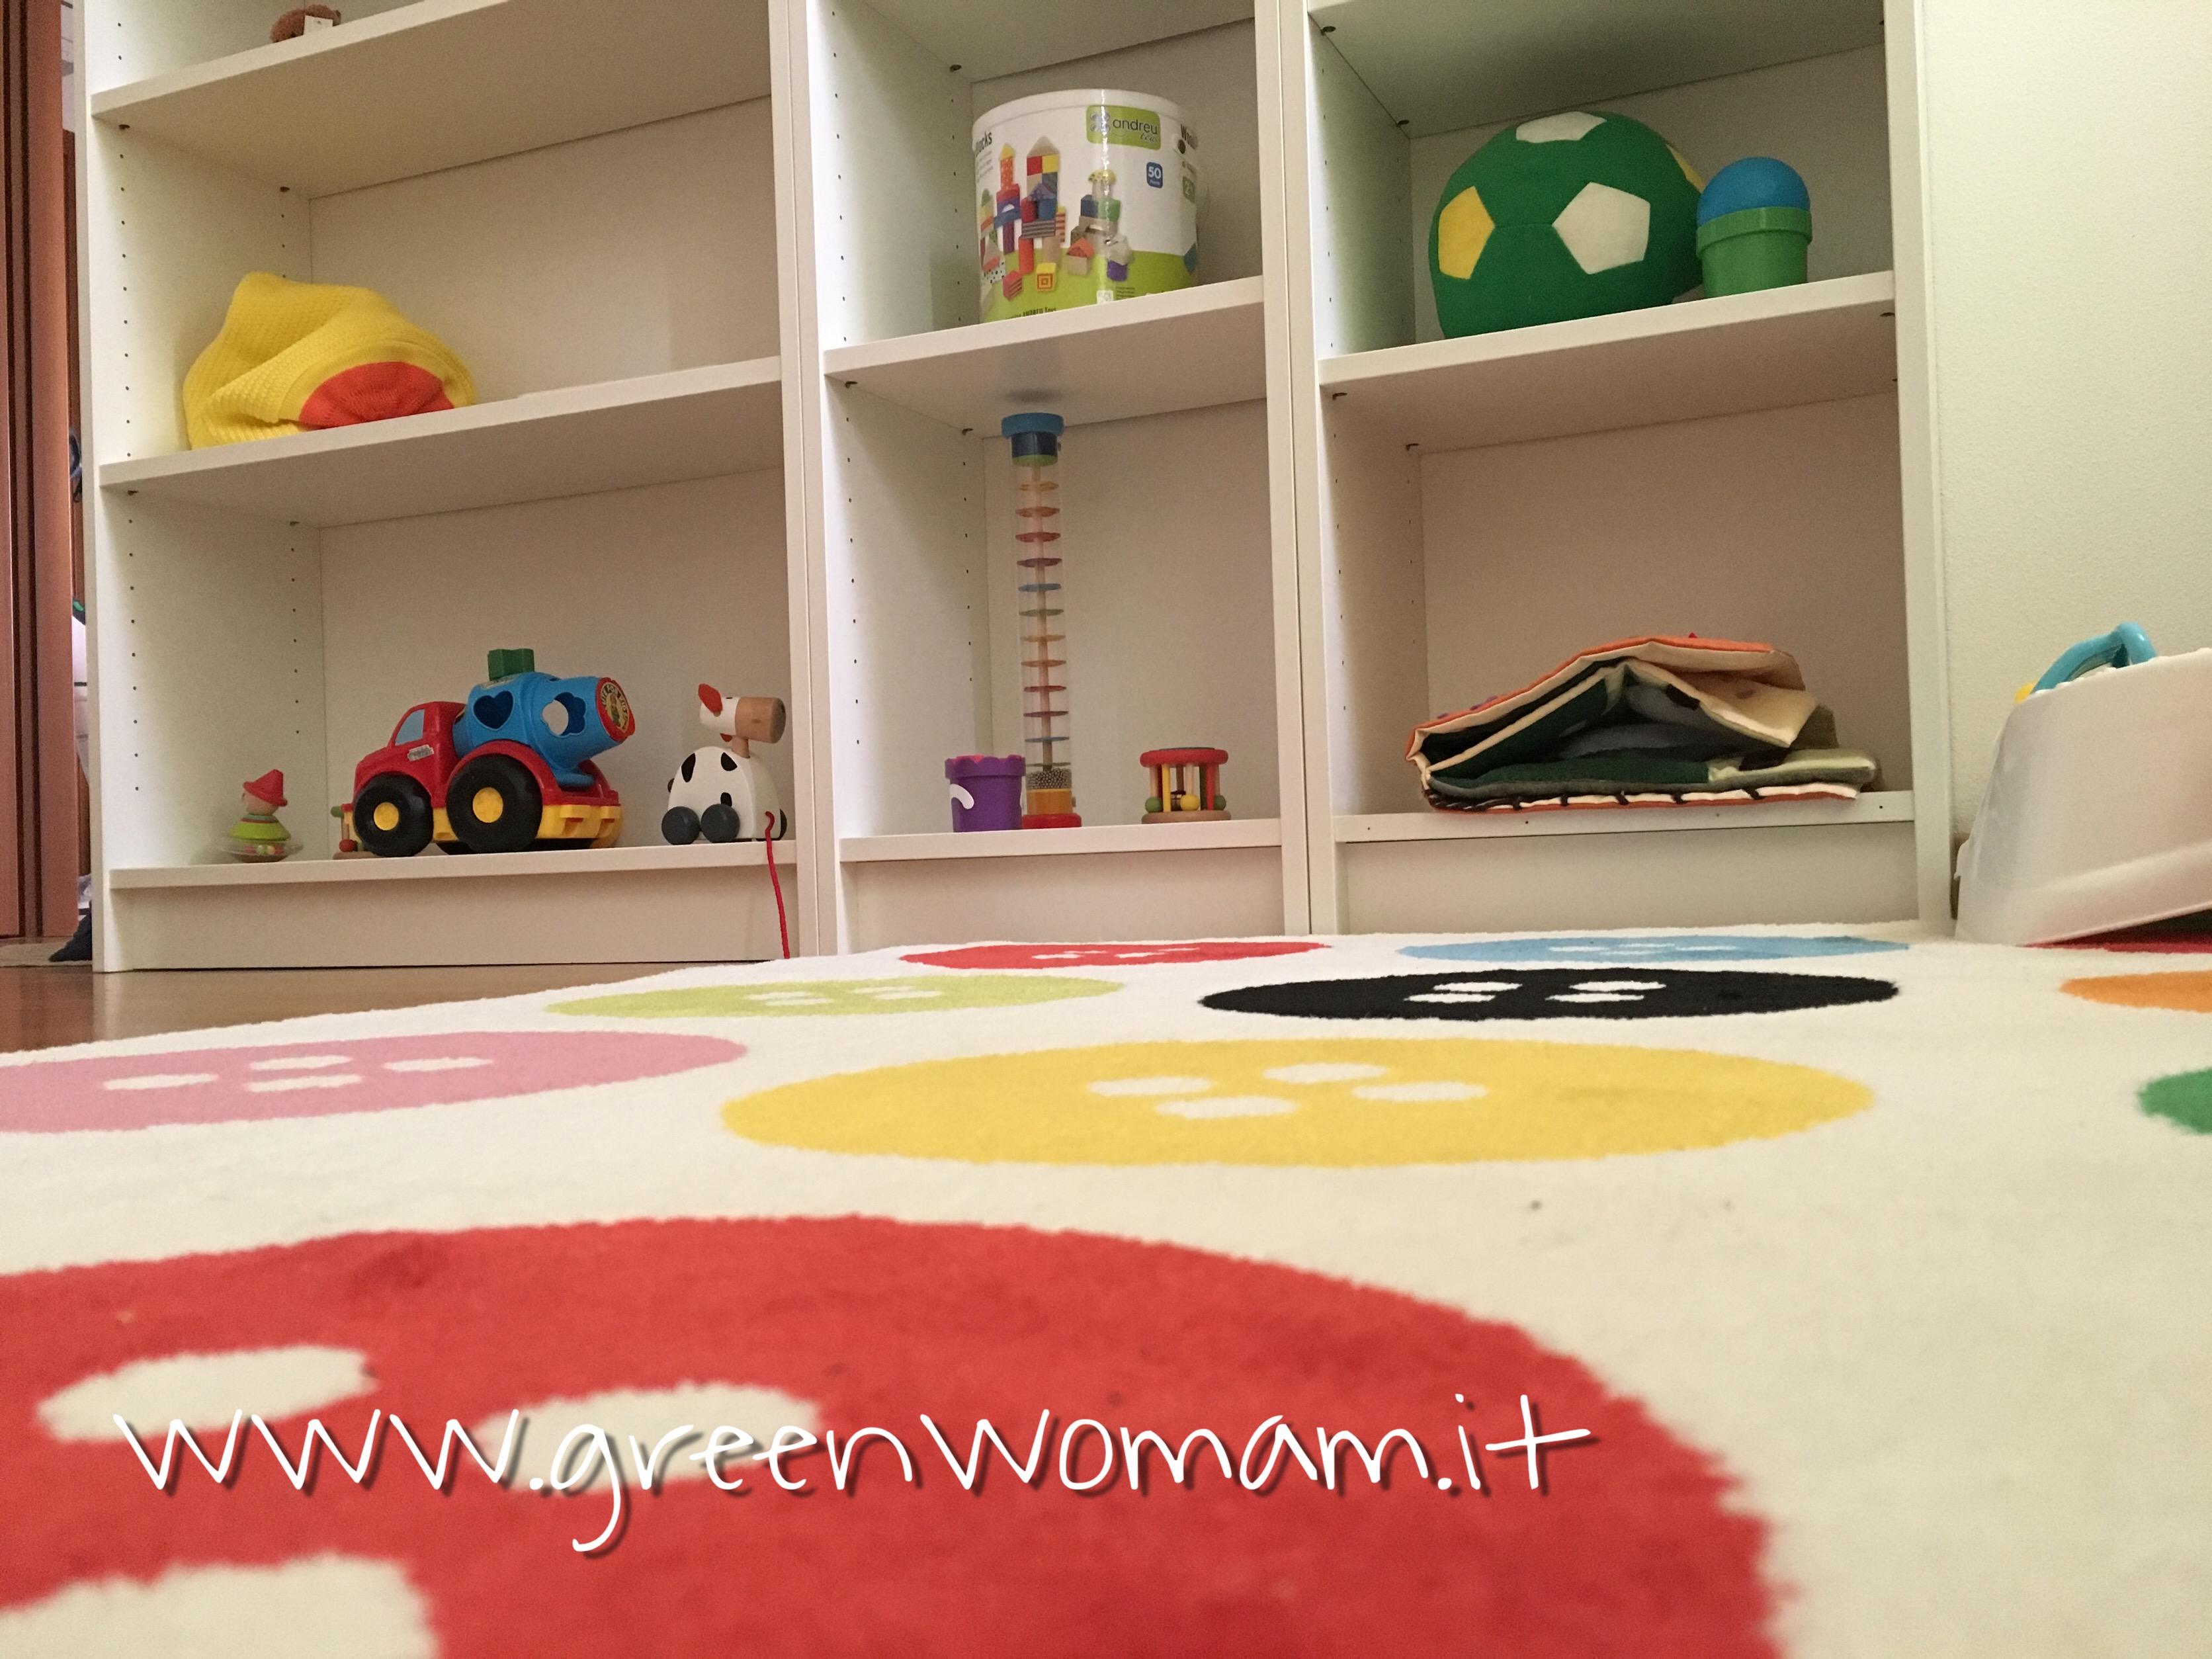 Cameretta Montessori Ikea : La nostra cameretta di ispirazione montessoriana 98% ikea green womam